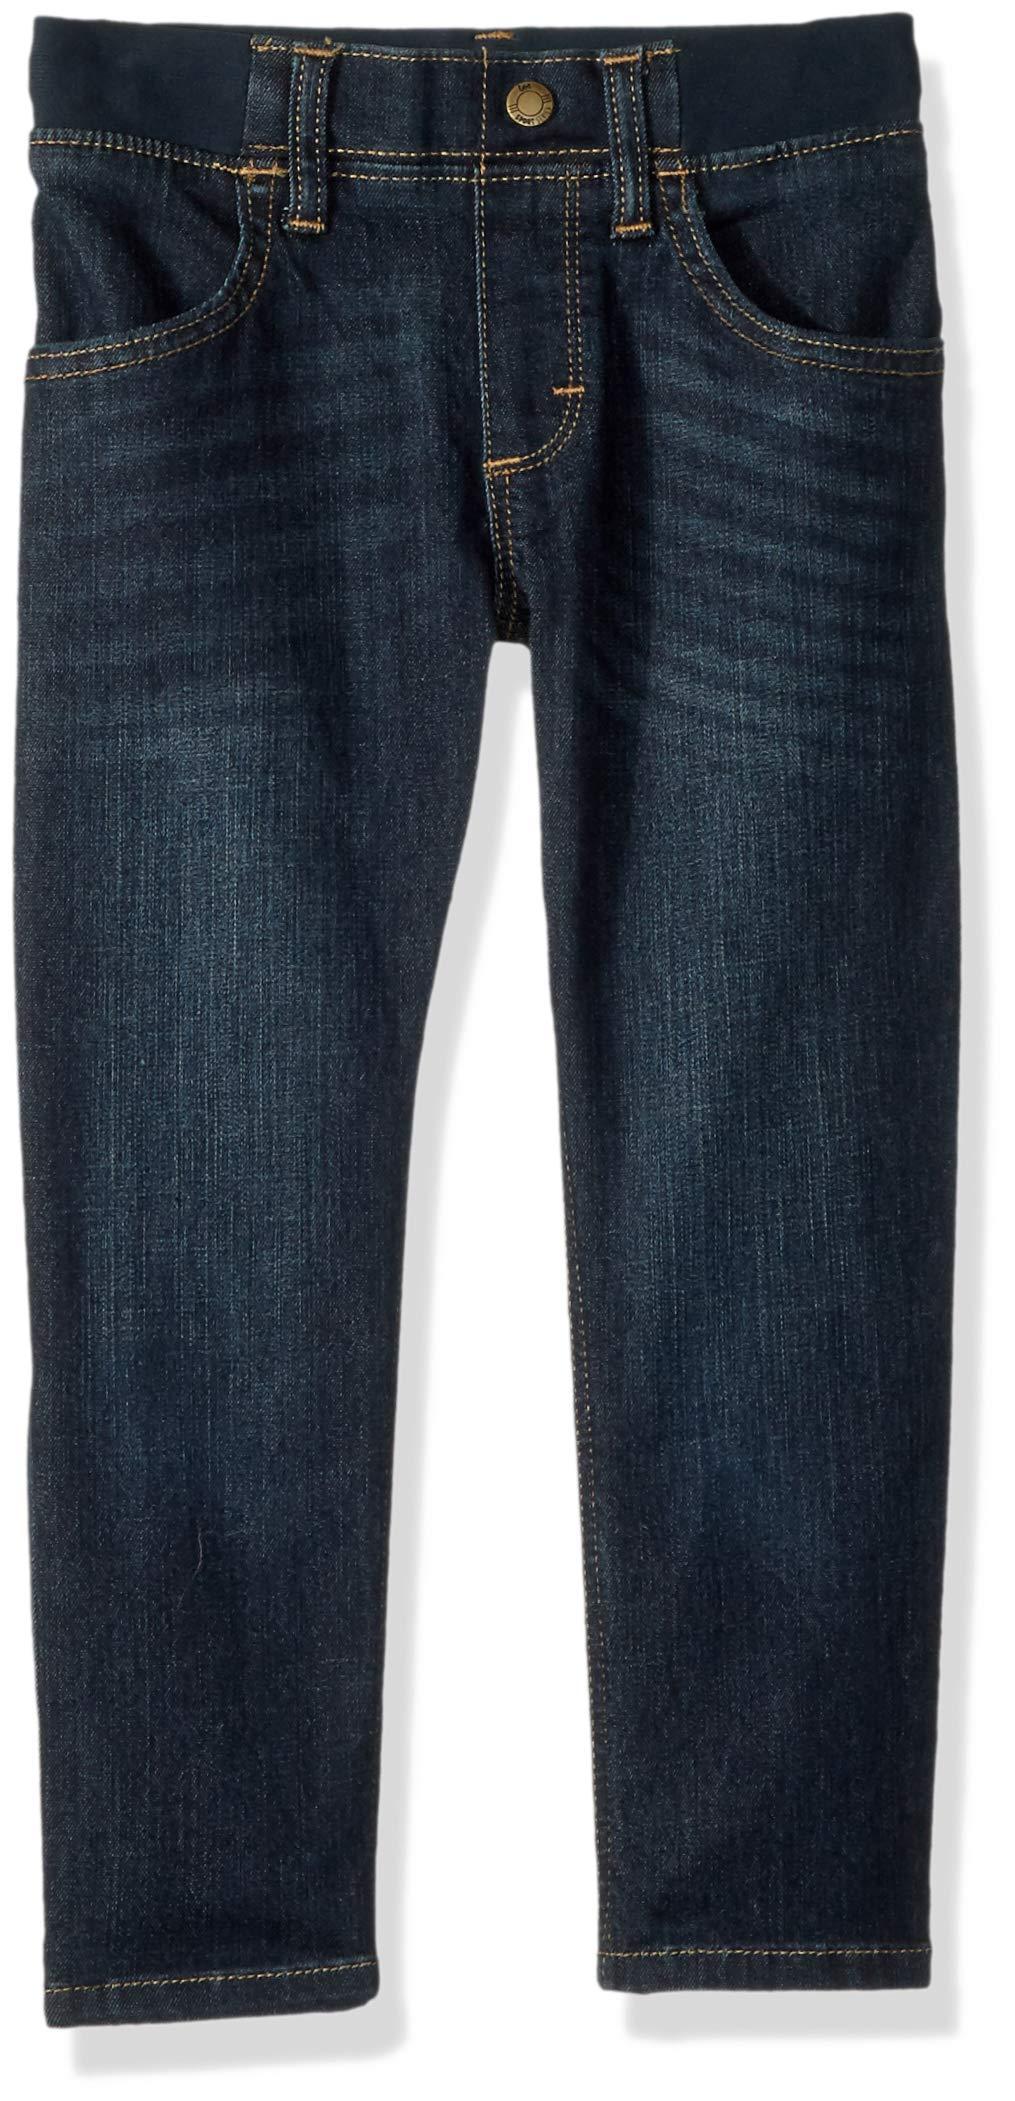 LEE Little Boys' X-Treme Comfort Pull-on Relaxed Tapered Leg Jean, Mullen, 6 Regular